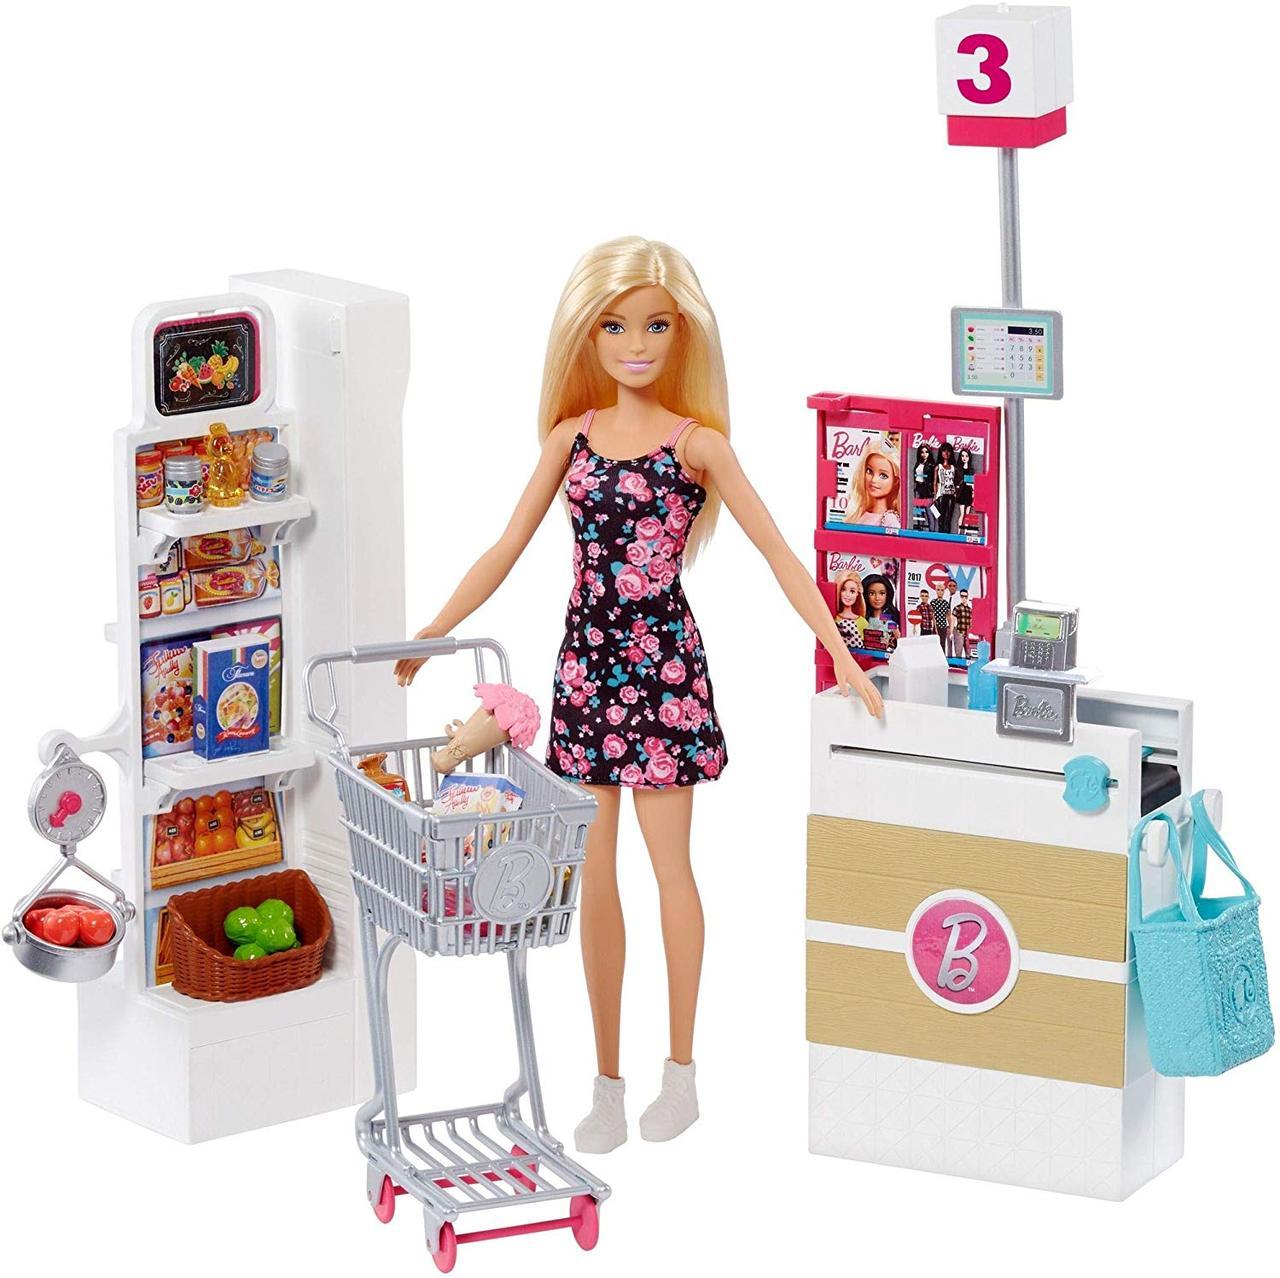 Большой набор Кукла Барби в супермаркете  Barbie Supermarket